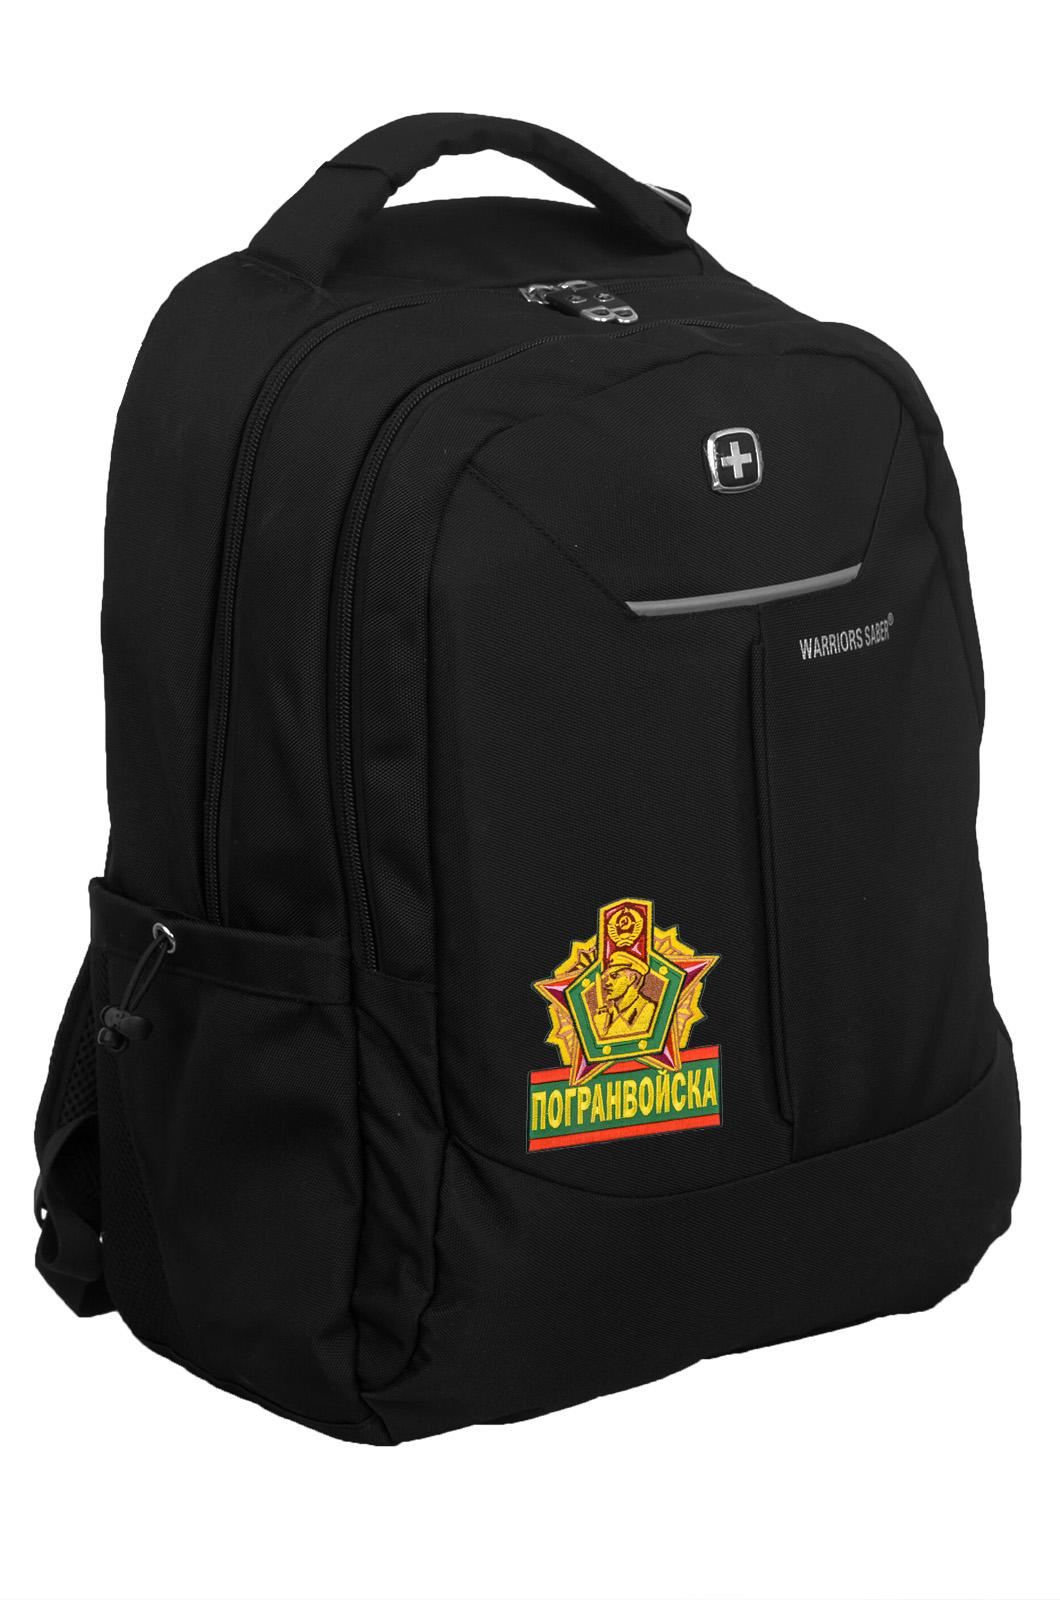 Стильный черный рюкзак ПОГРАНВОЙСКА - купить онлайн